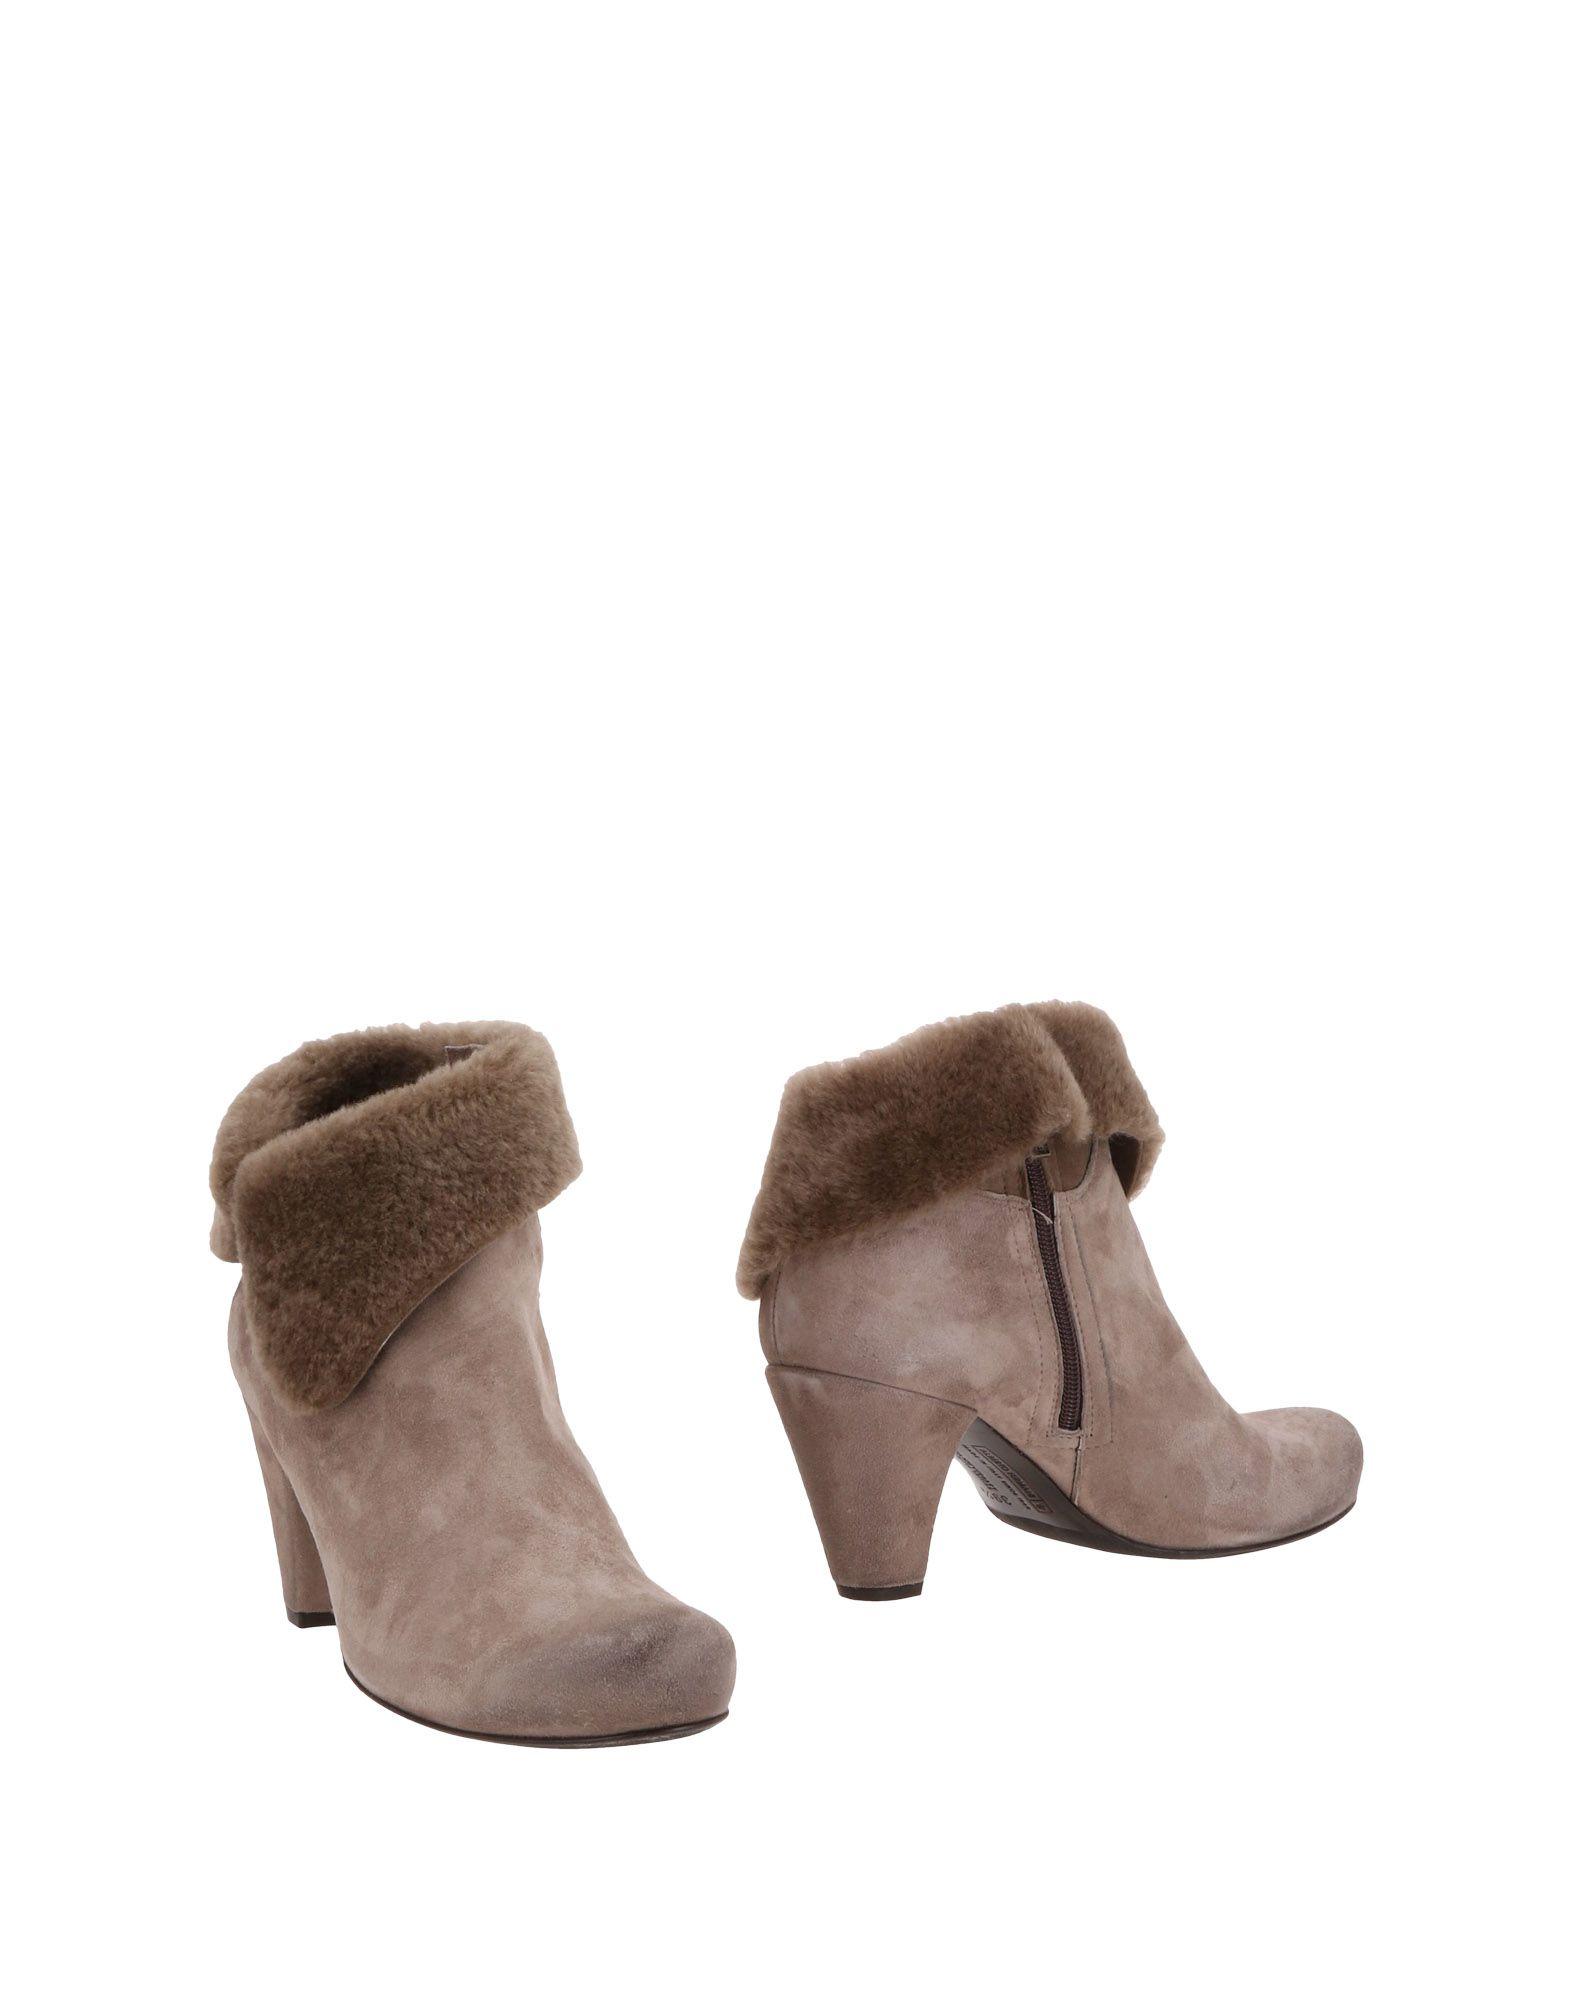 Alberto Fermani Stiefelette Schuhe Damen  11459934IQ Neue Schuhe Stiefelette 8bdcc2